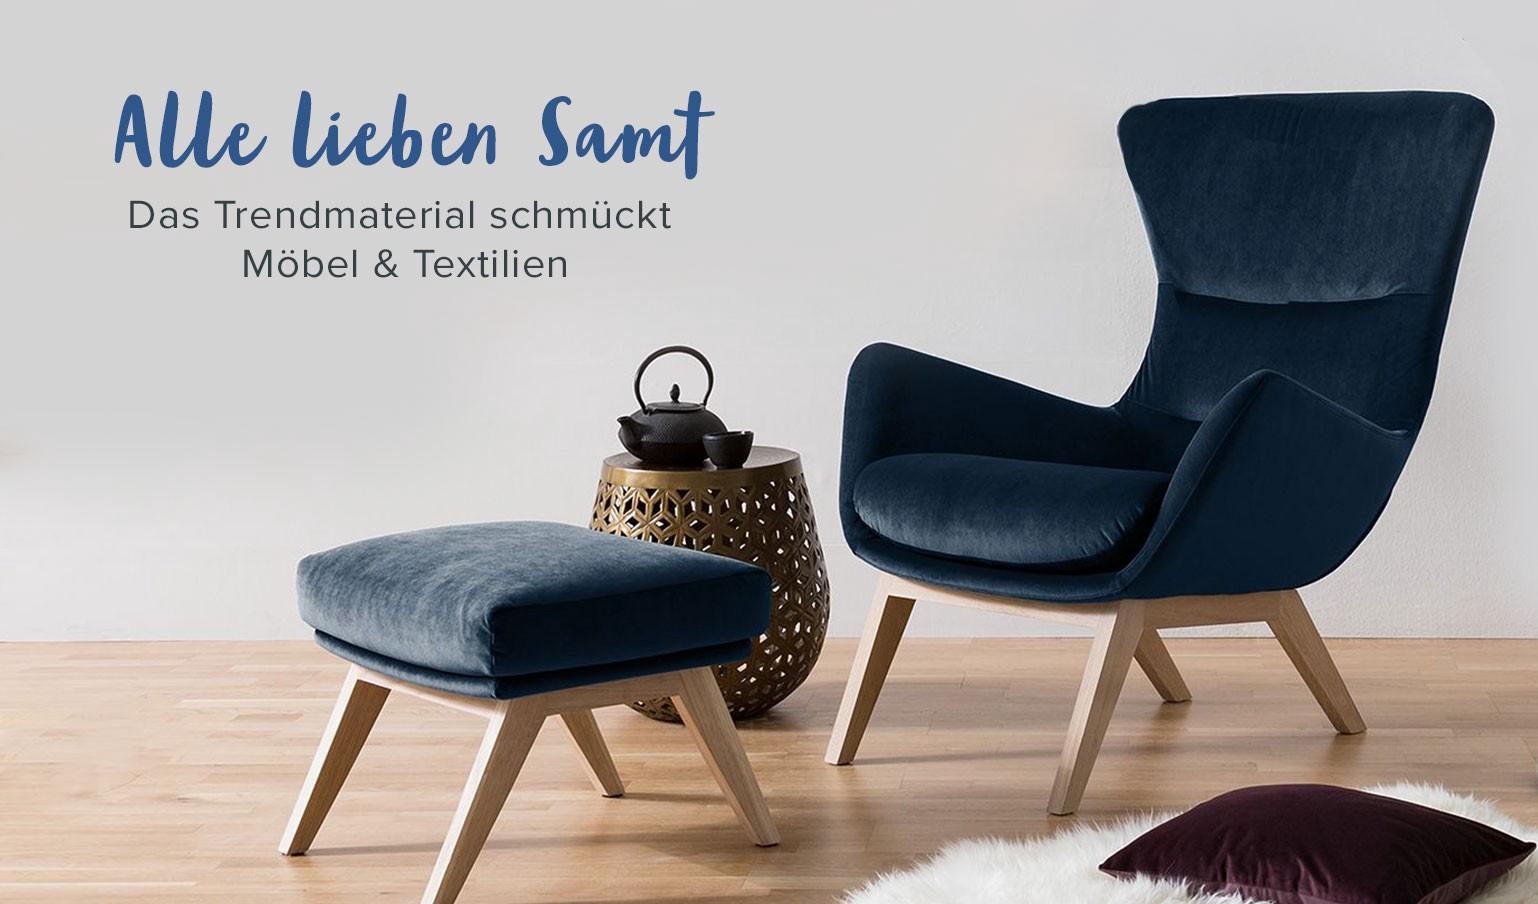 mbel shop de gutschein affordable gutschein mbel shop de with gutschein mbel shop de with mbel. Black Bedroom Furniture Sets. Home Design Ideas